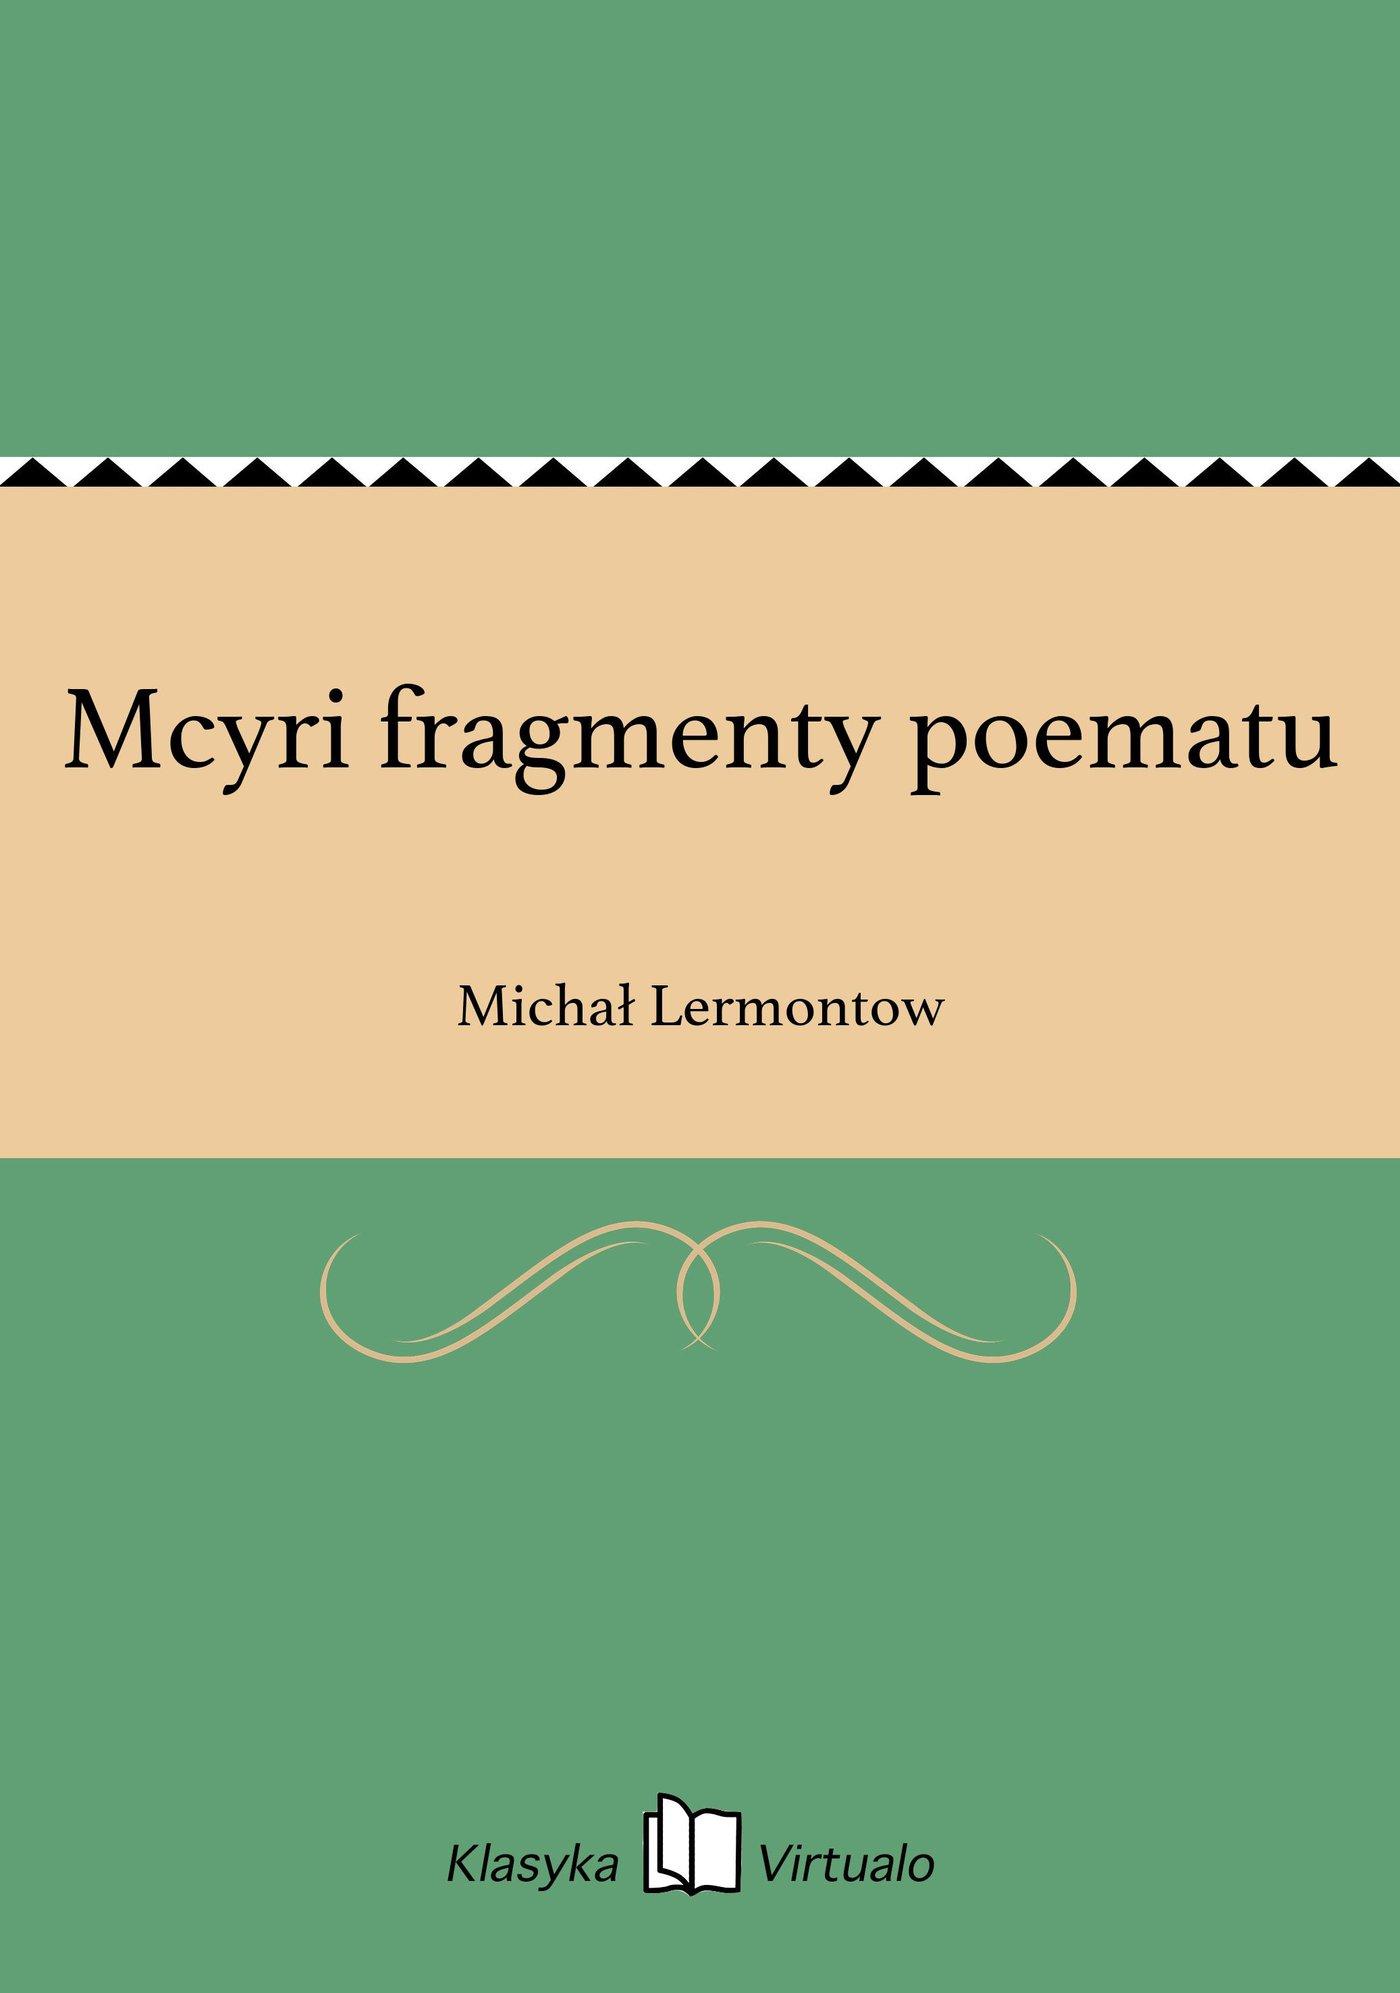 Mcyri fragmenty poematu - Ebook (Książka EPUB) do pobrania w formacie EPUB